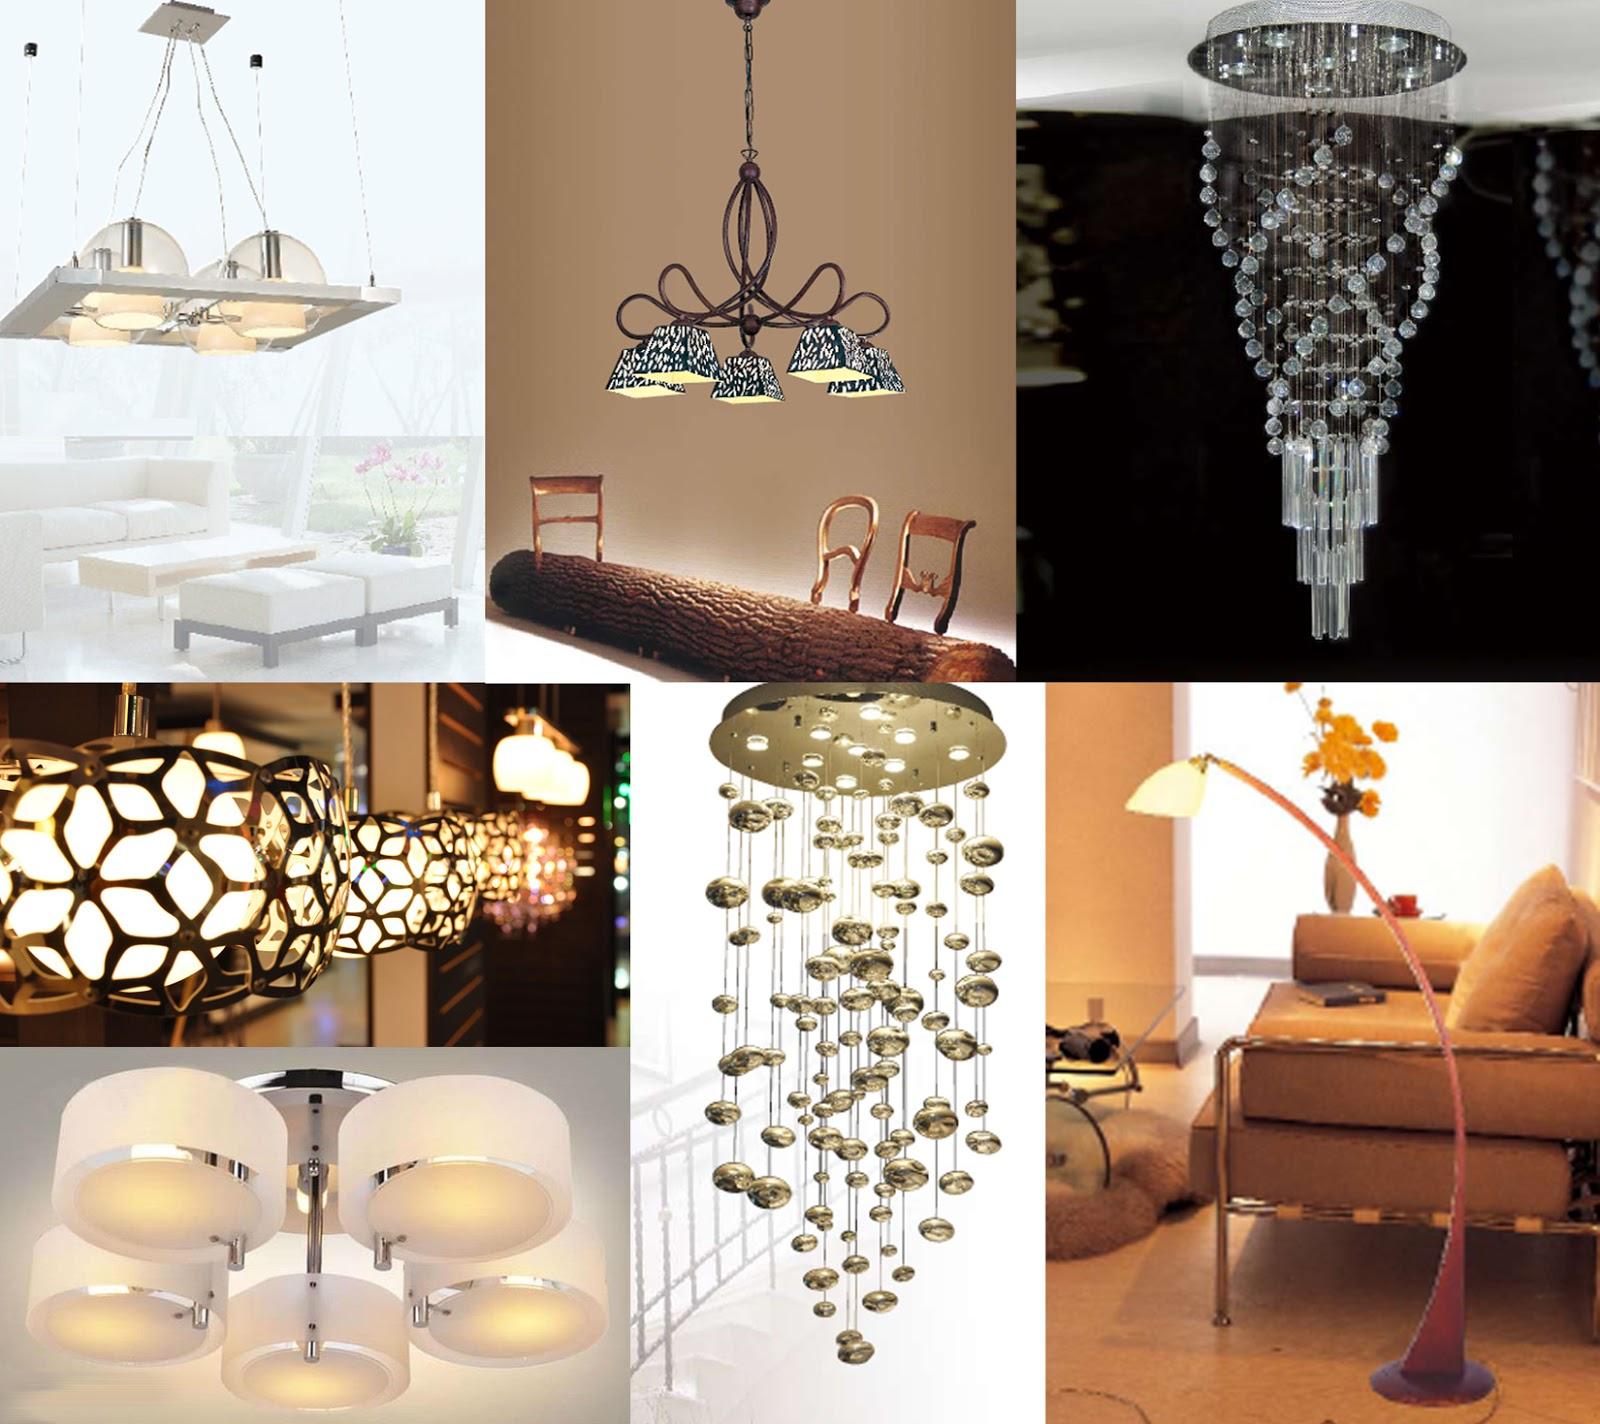 Iluminaci n l mparas y decoraci n del hogar dise o y decoraci n de interiores departamentos - Lamparas y decoracion ...